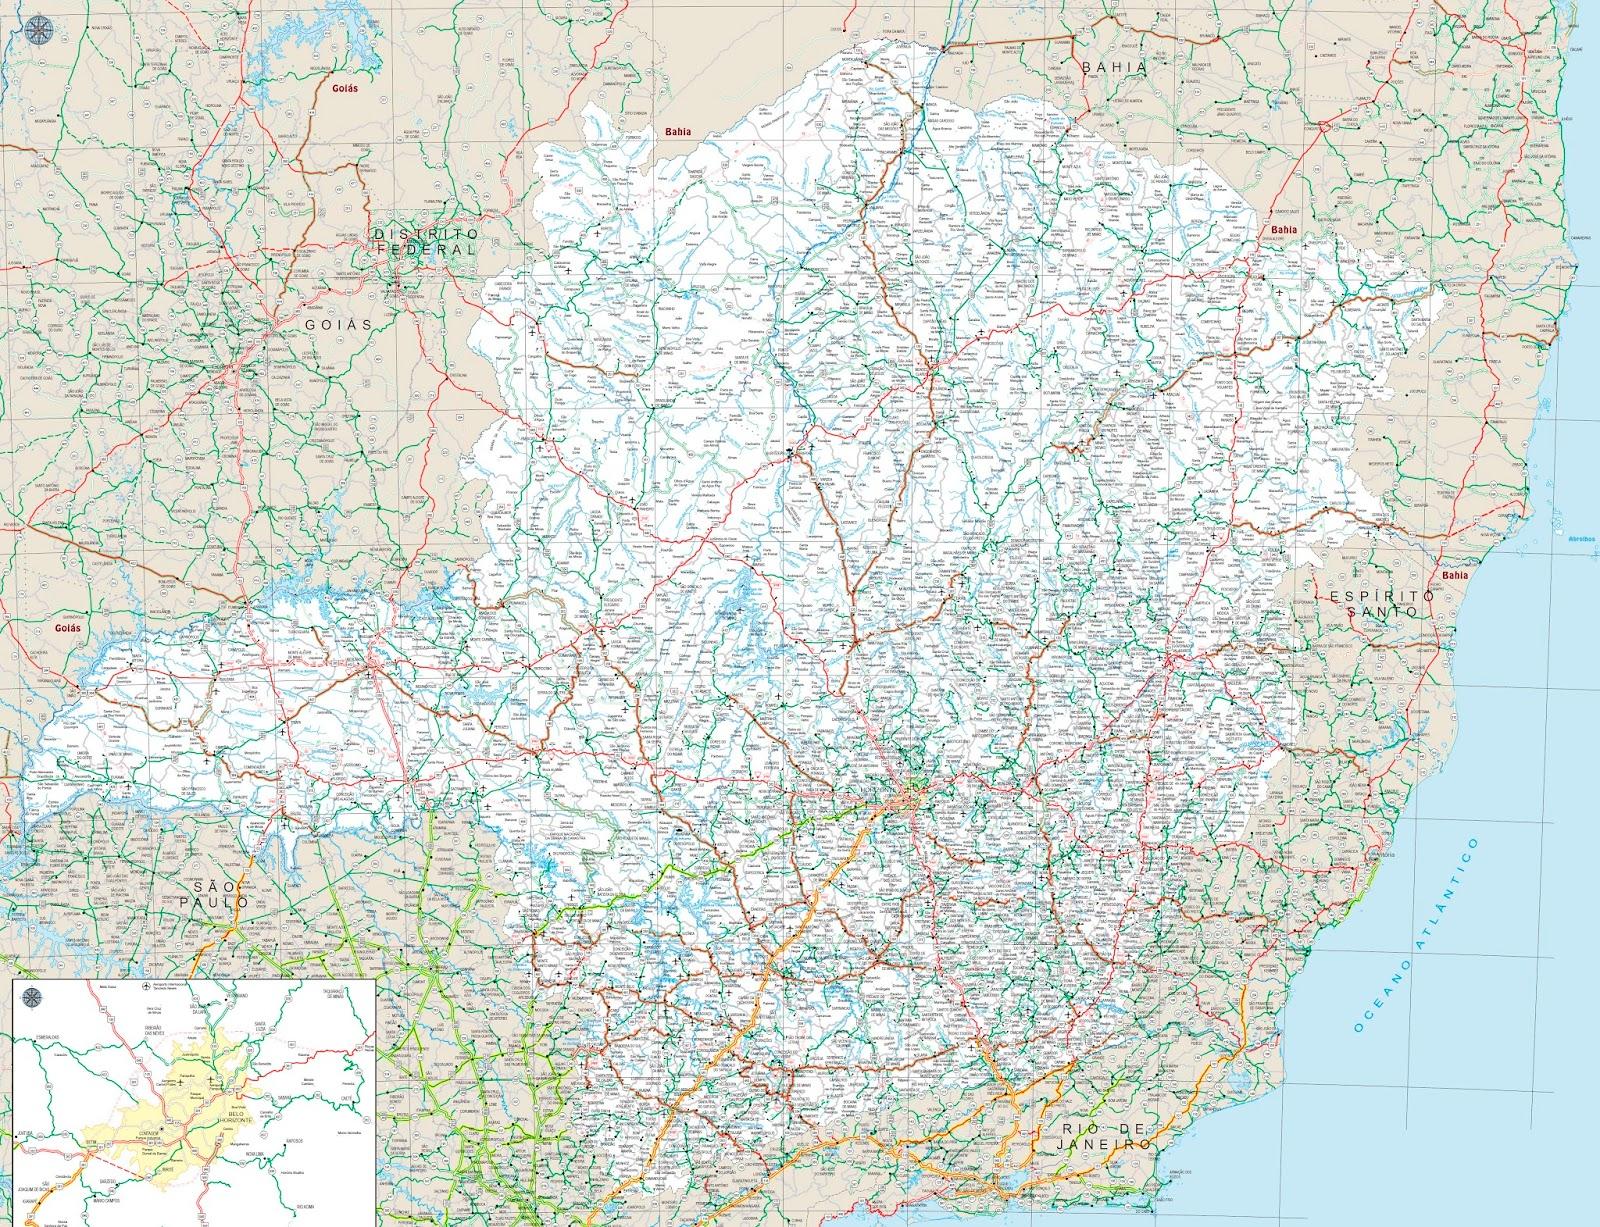 mapa-rodoviario-minas-gerais.jpg